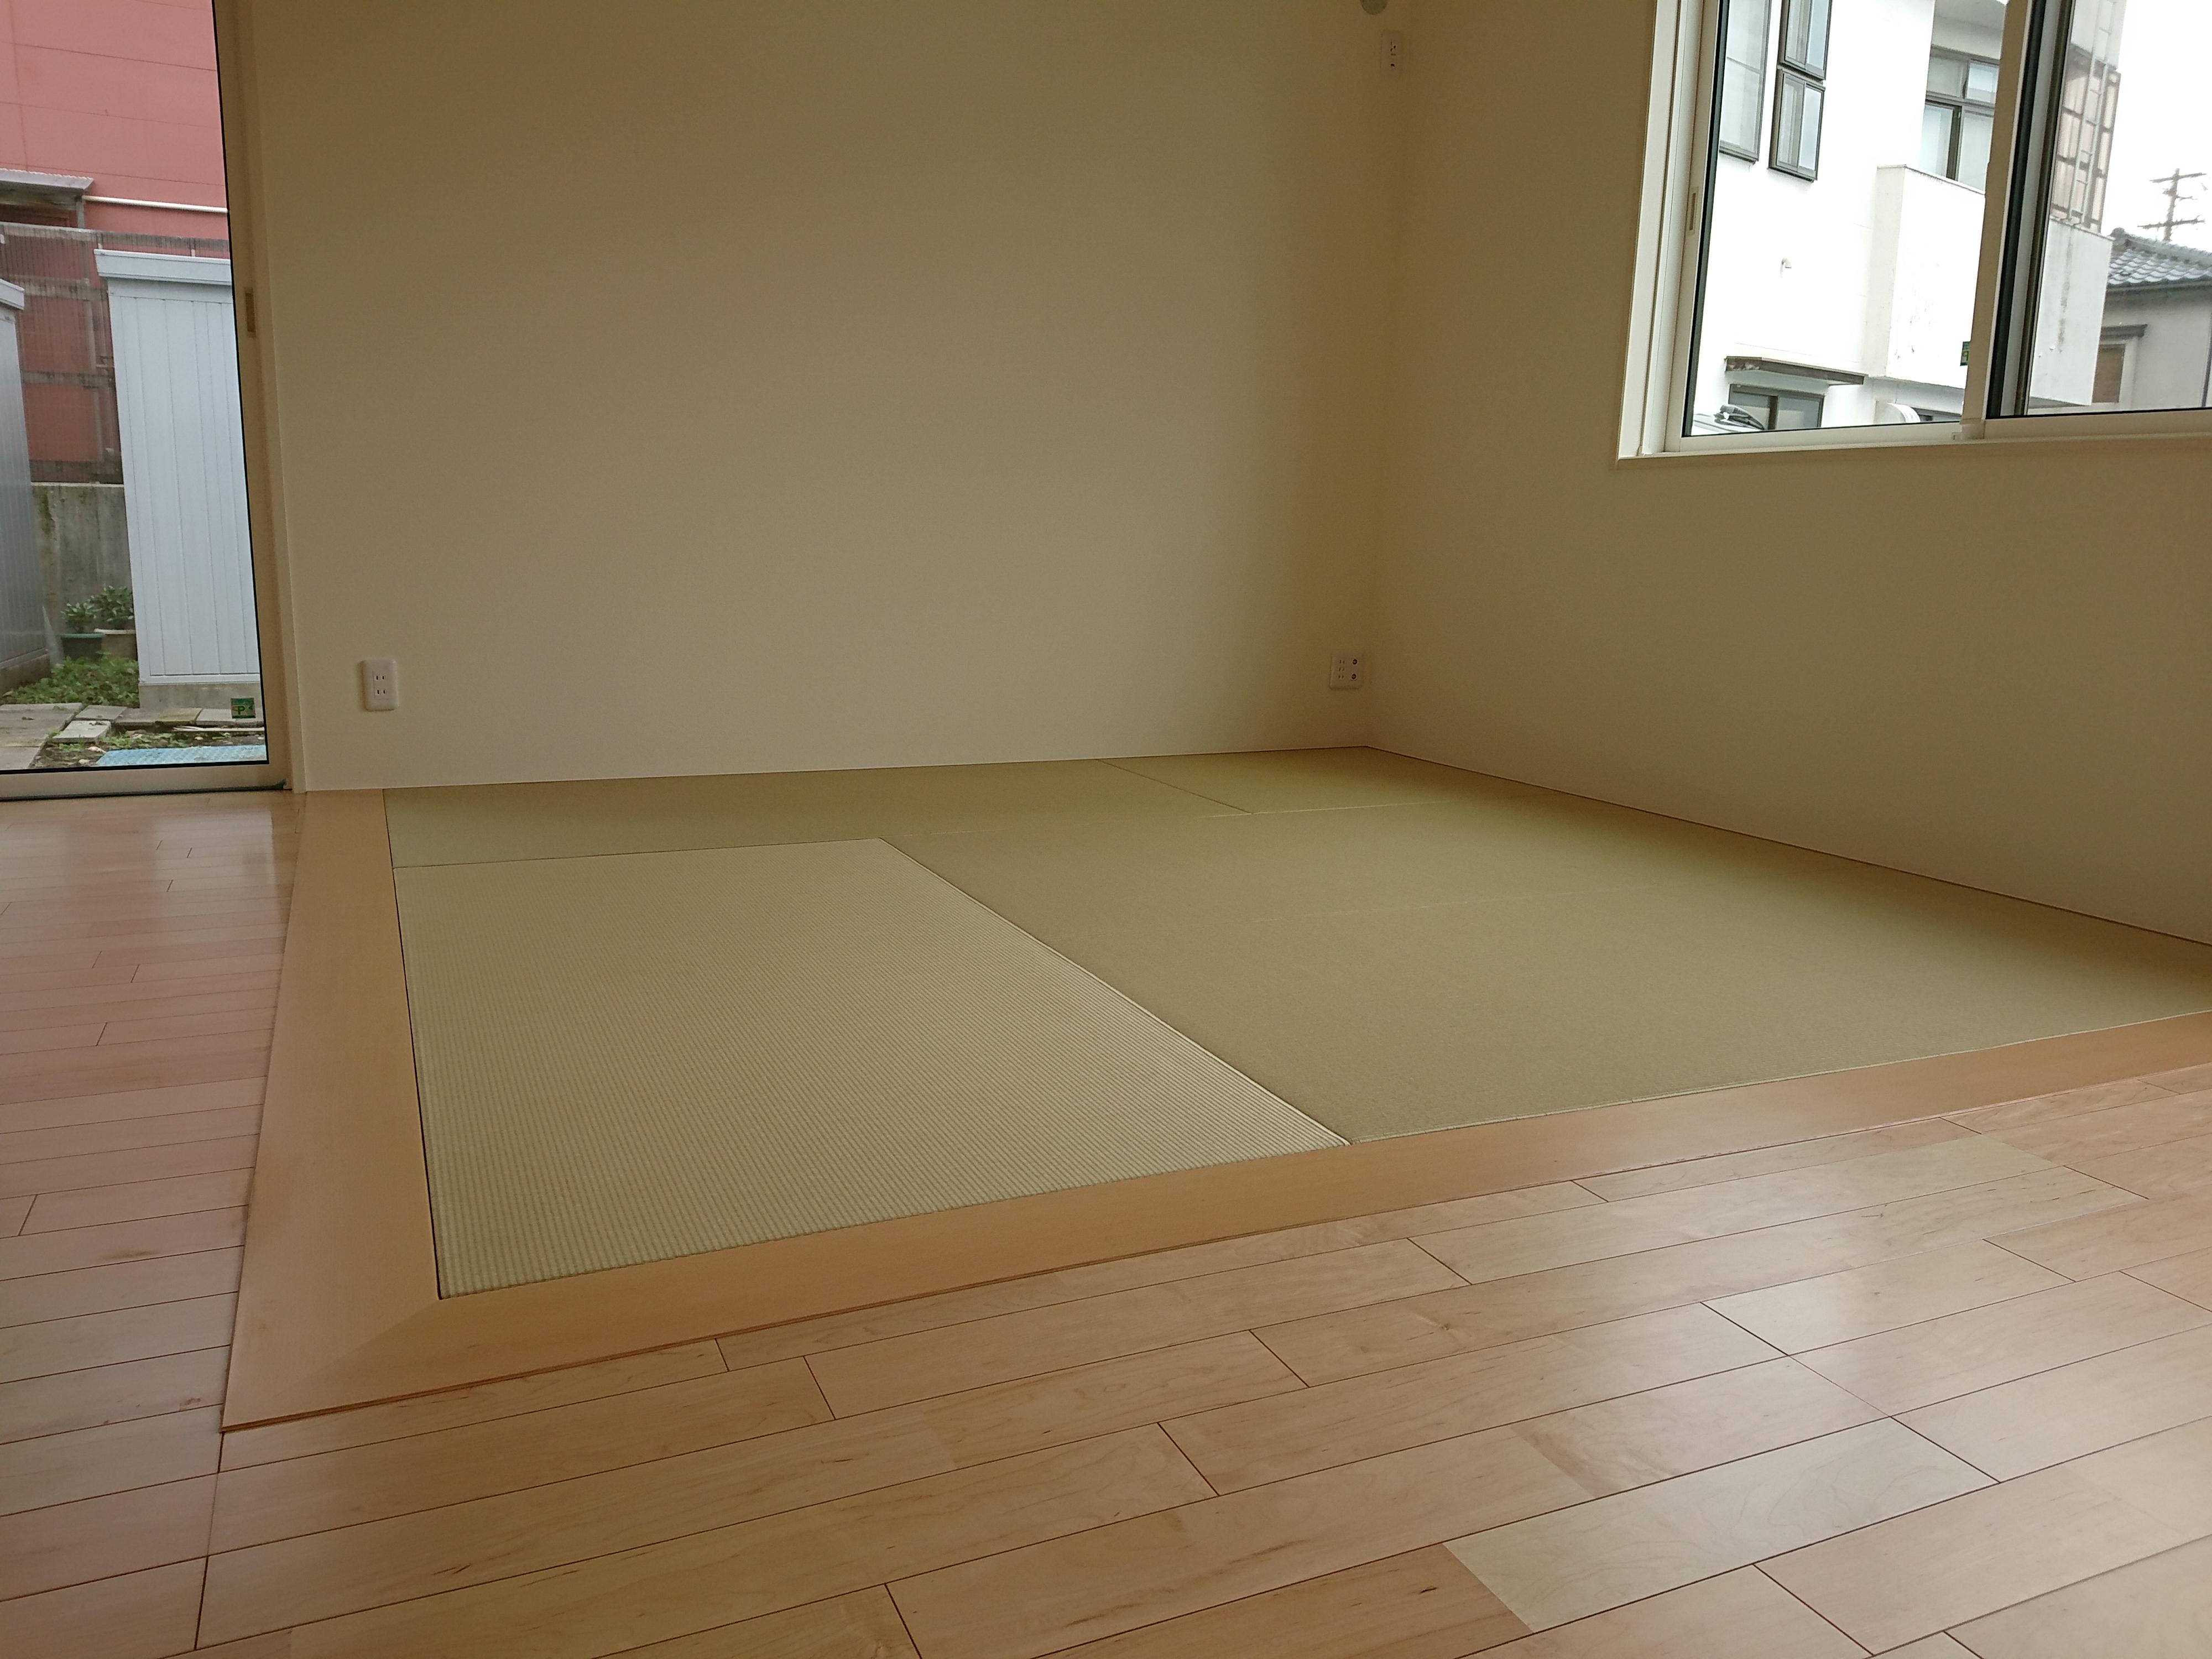 新築、畳コーナーです。和紙縁ナシ畳